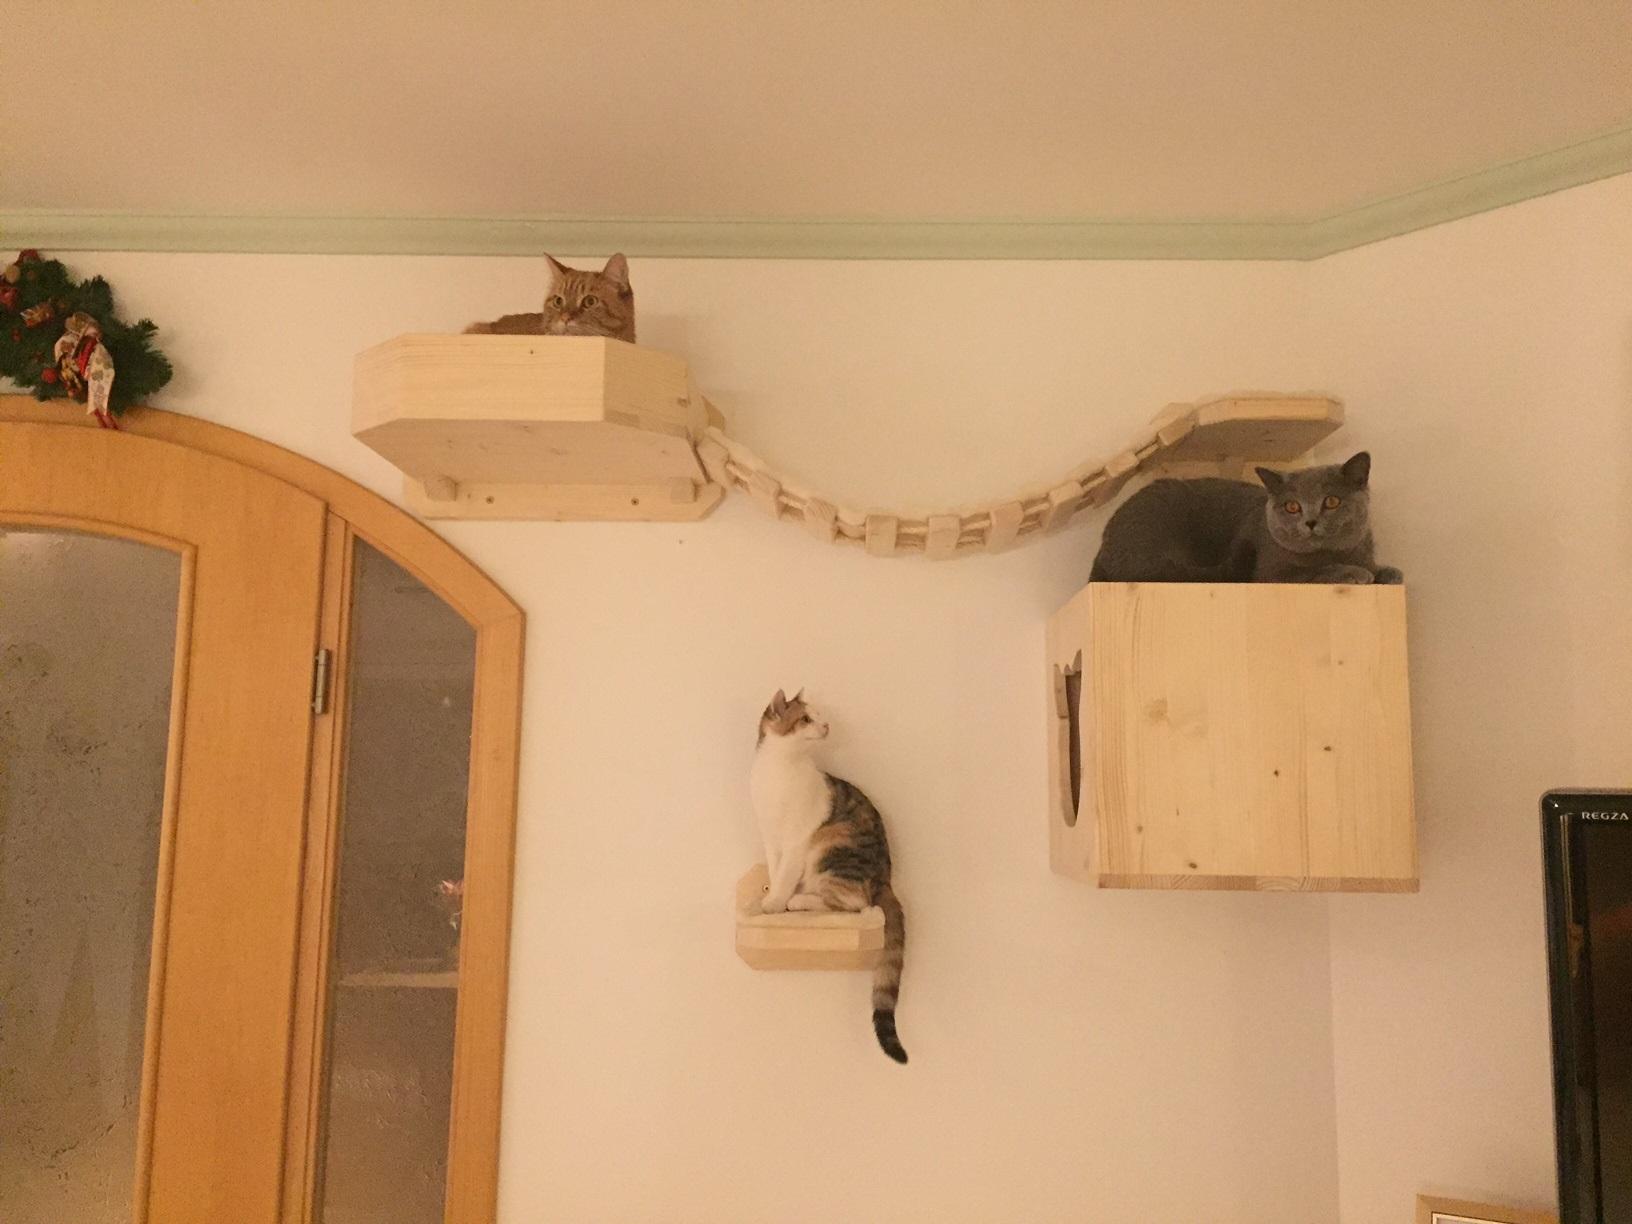 kratzbaum f r die wand f r katzen holzh hle h hle f r katzen sonderanfertigung. Black Bedroom Furniture Sets. Home Design Ideas